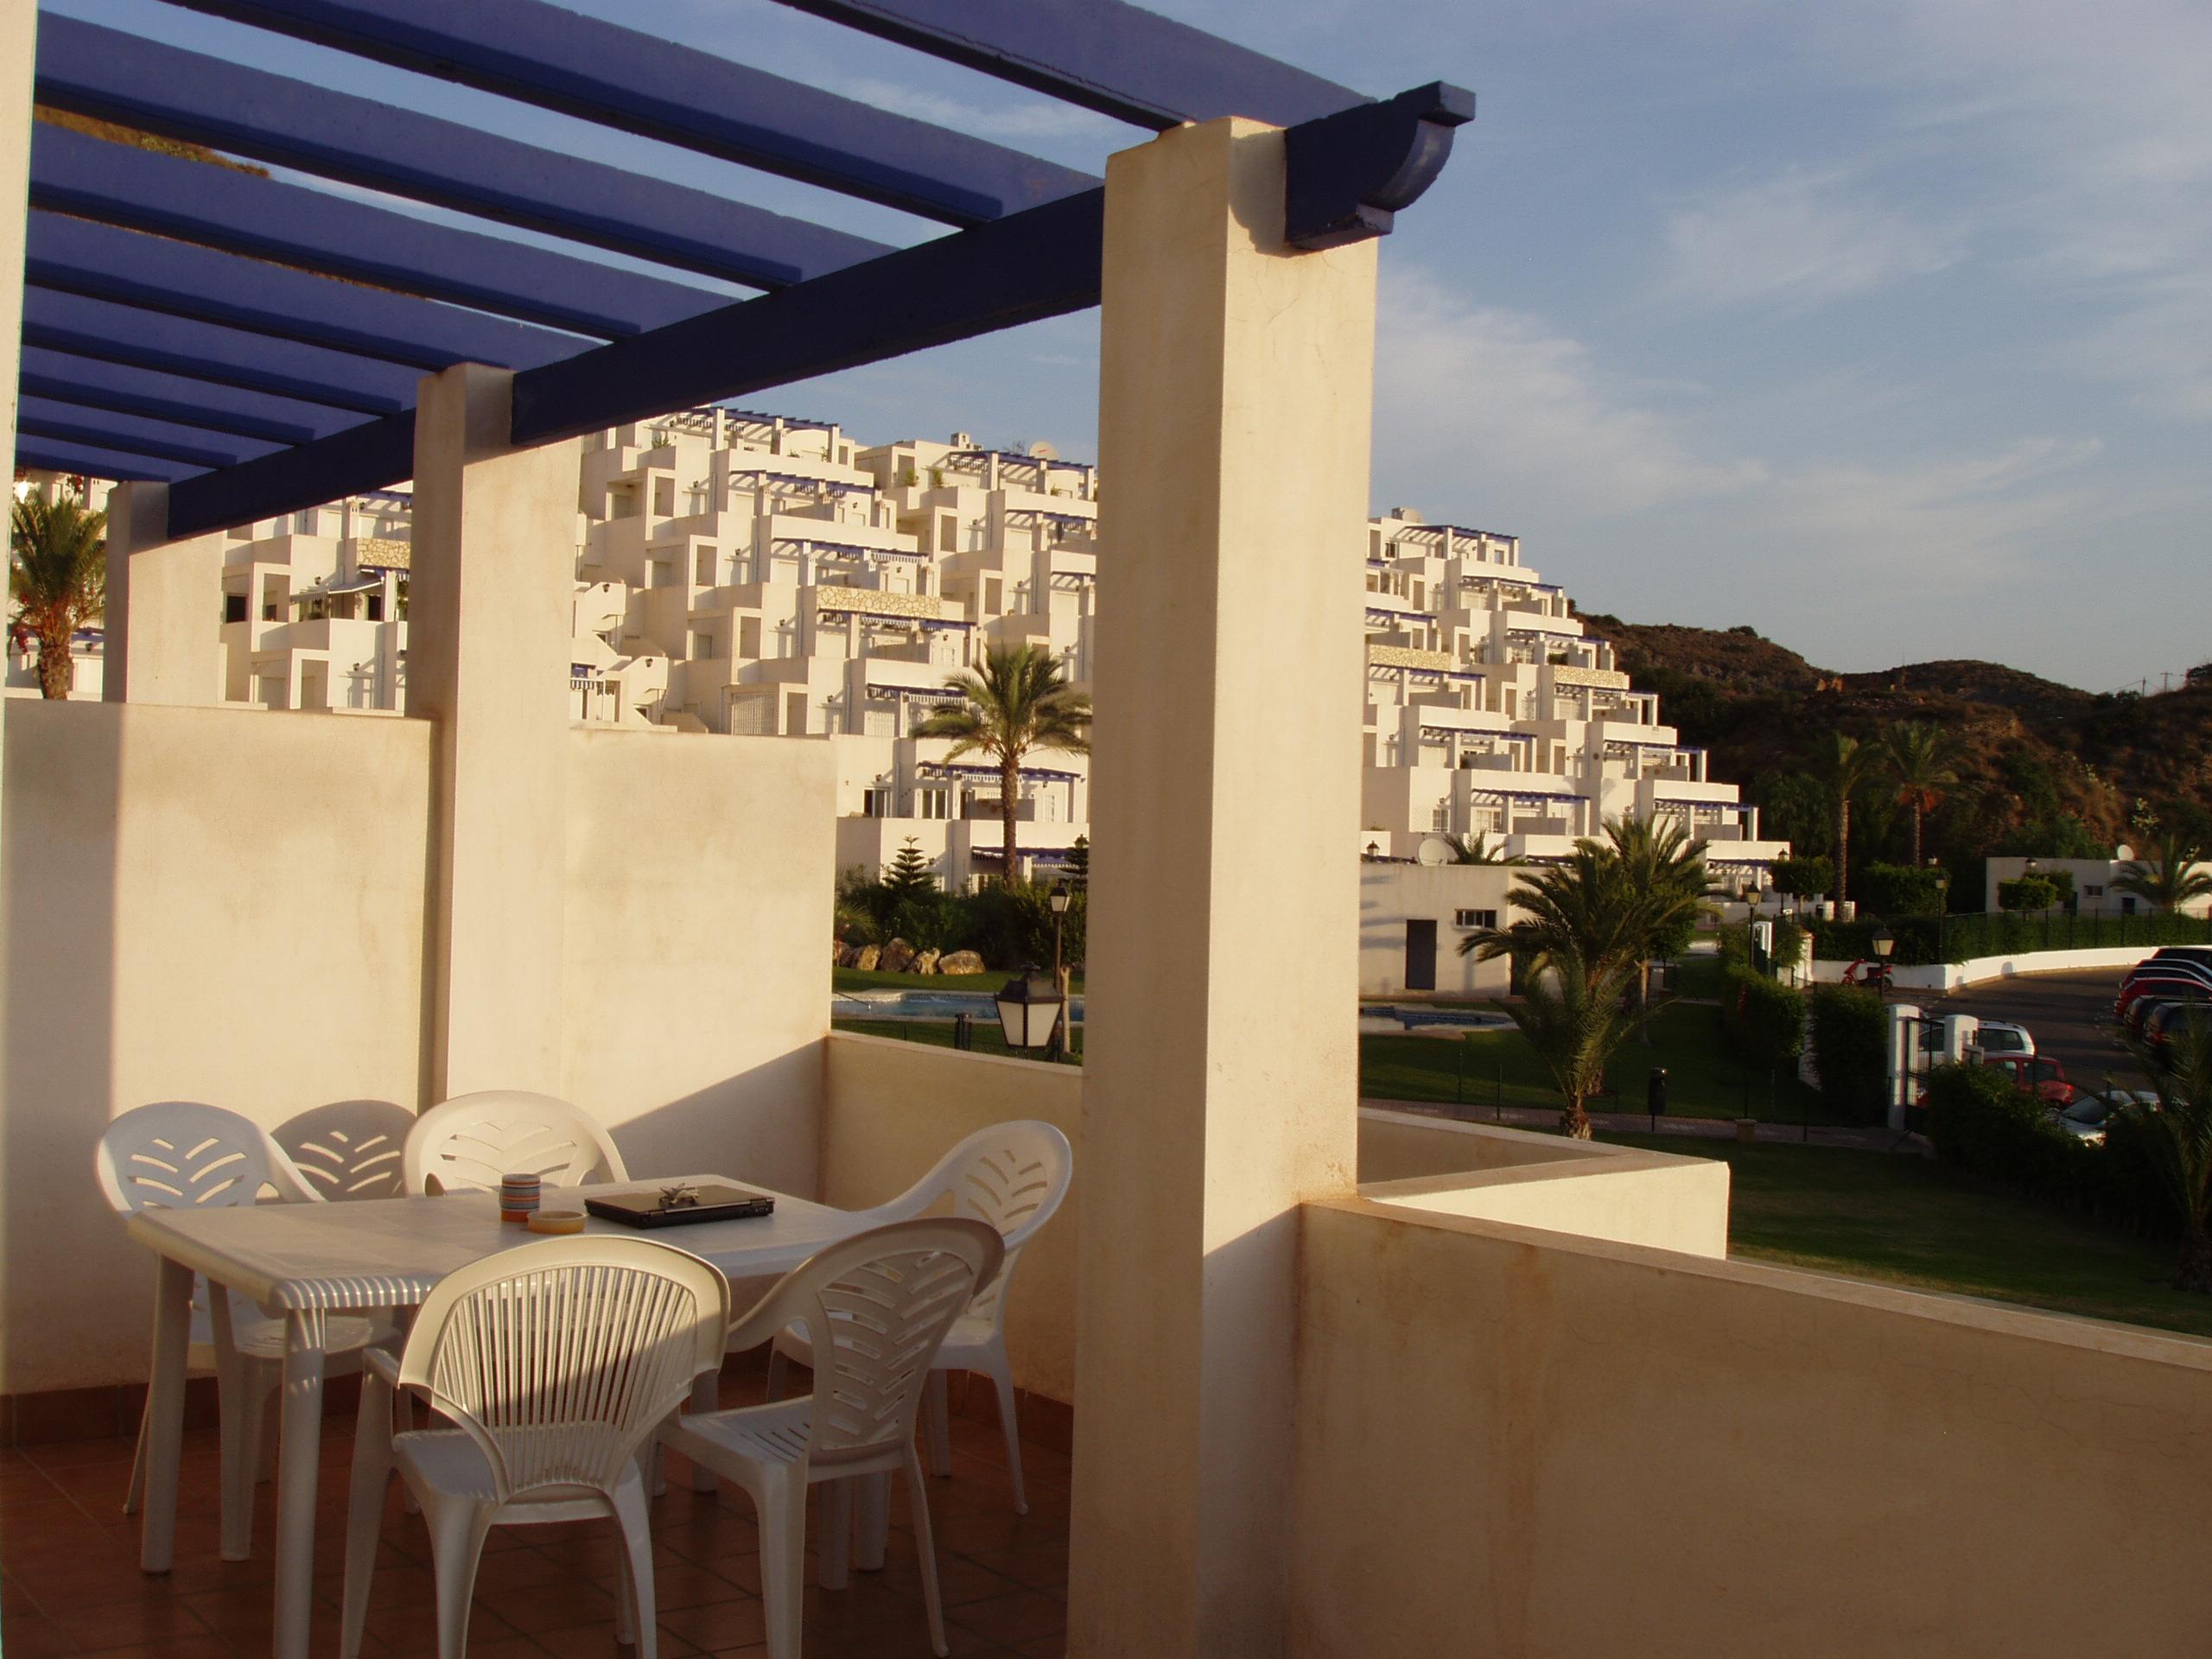 Ferienwohnung 3 Schlafzimmer Wohnung zu vermieten in Mojcar, Spanien (2388895), Mojacar, Costa de Almeria, Andalusien, Spanien, Bild 23